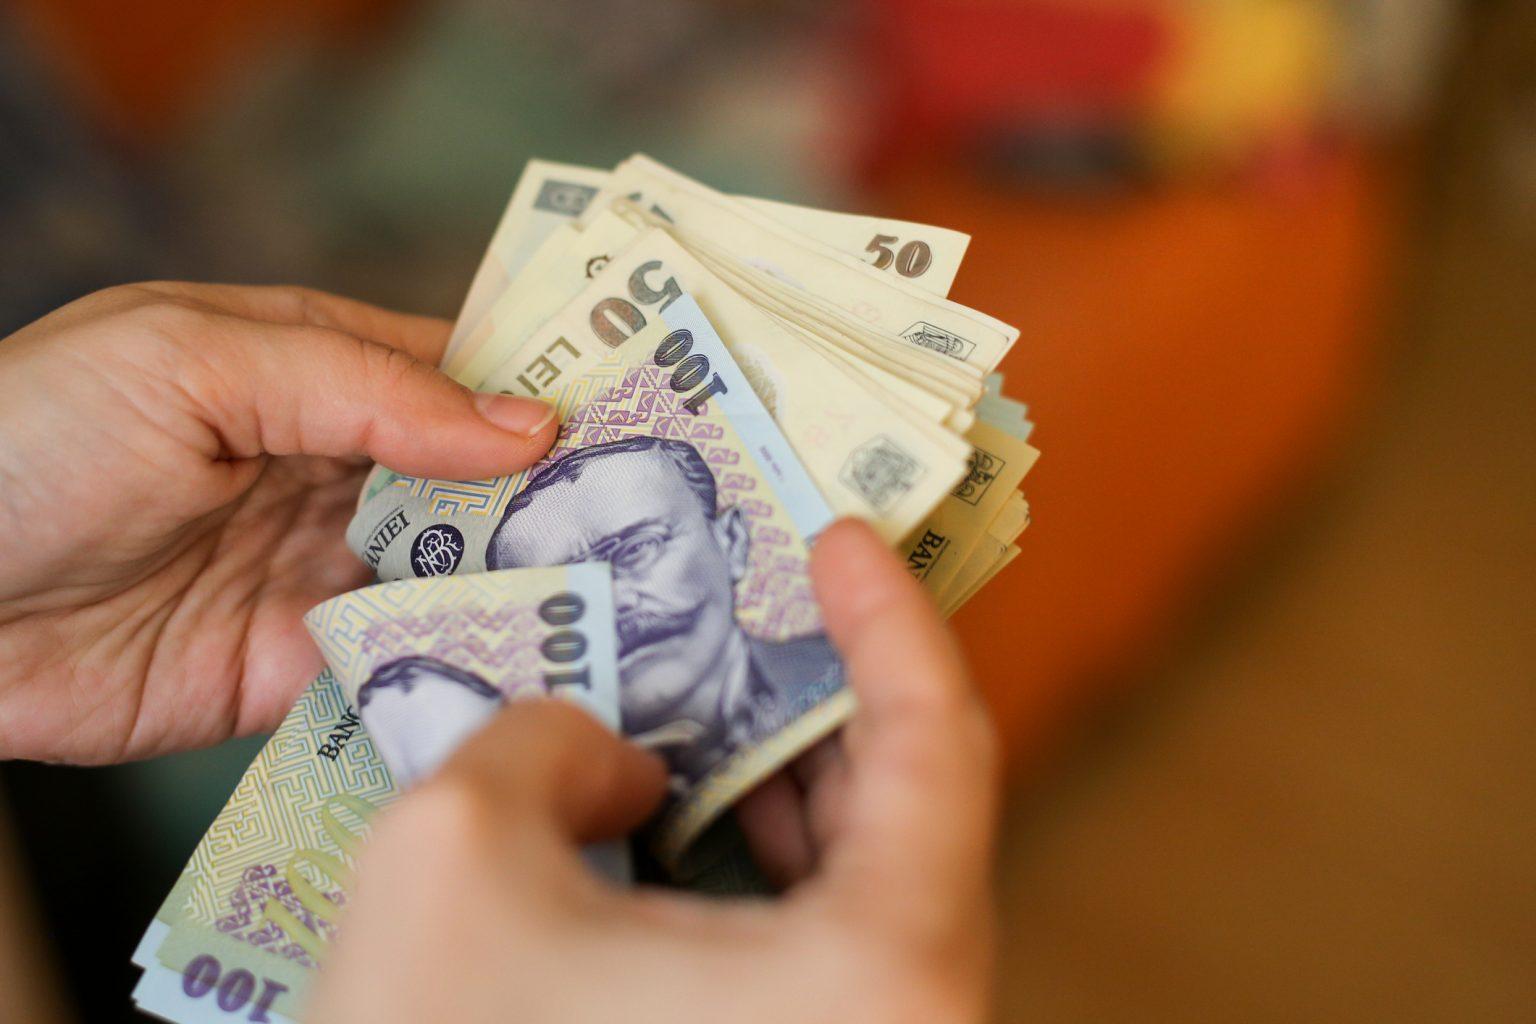 Inflatia isi continua trendul de crestere si va ajunge la 8% anul acesta. Economist: Suntem la o aruncatura de bat de 10%